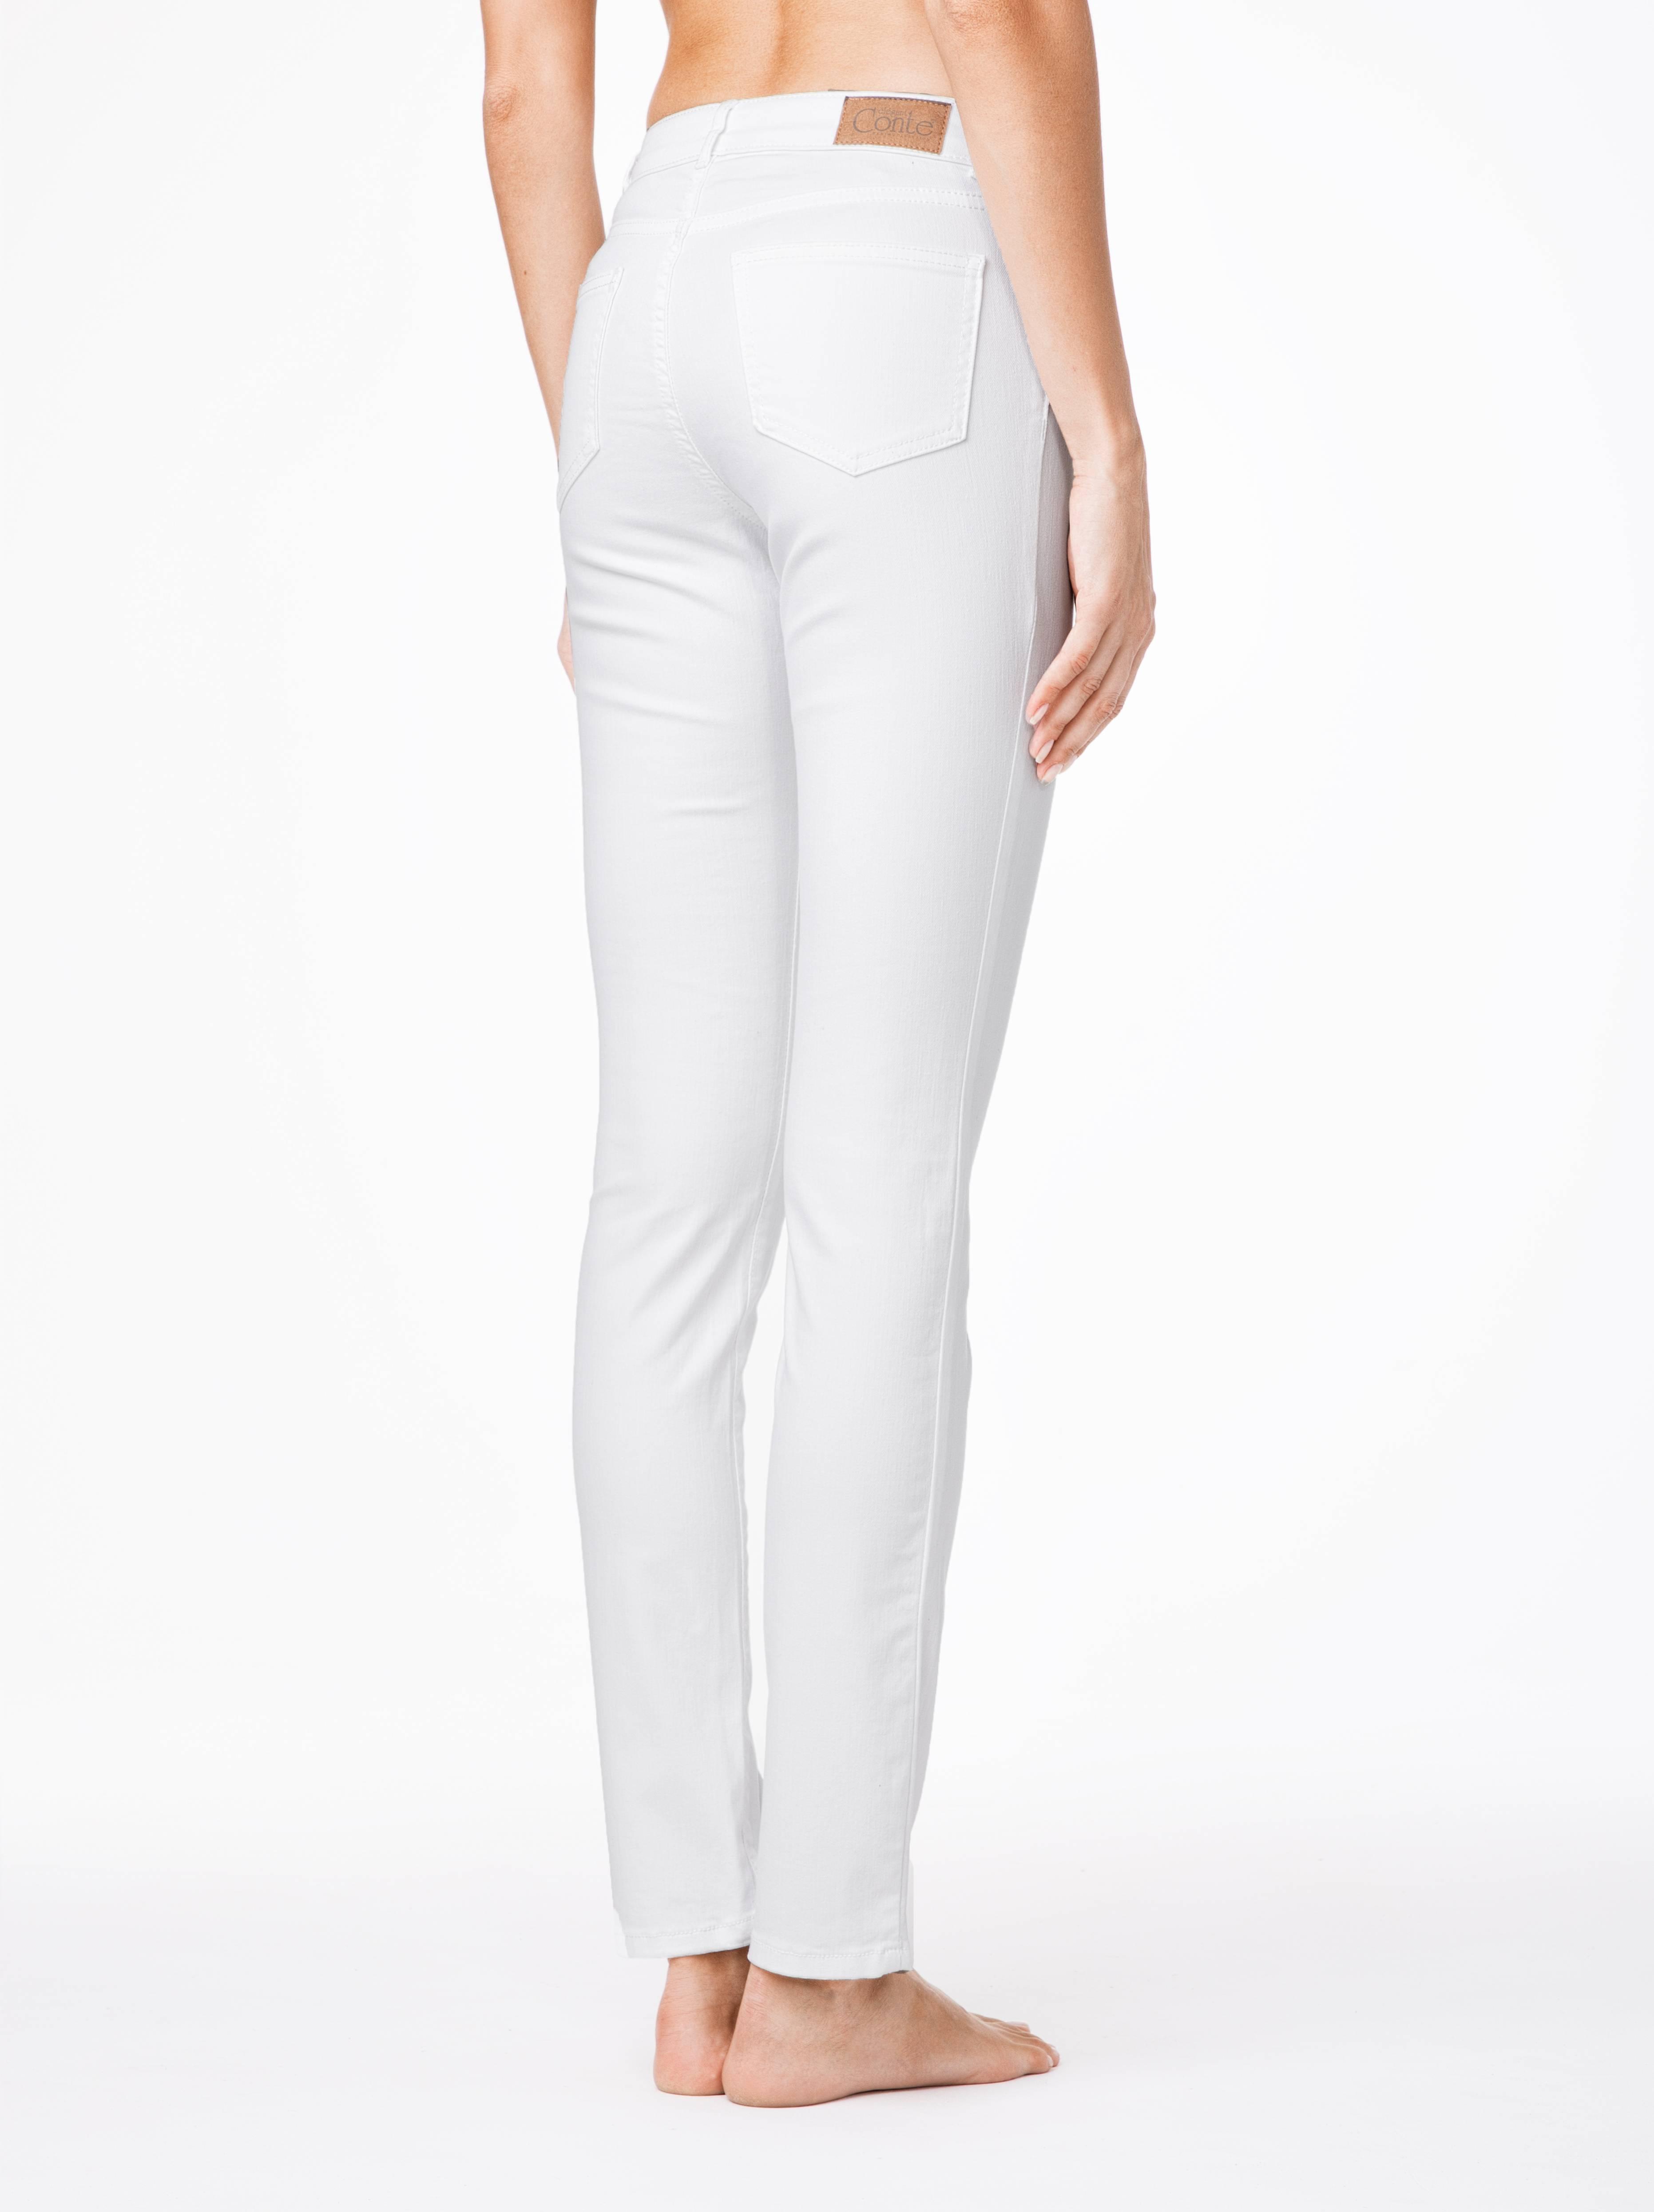 Фото 9 - Джинсы женские классические Conte белого цвета